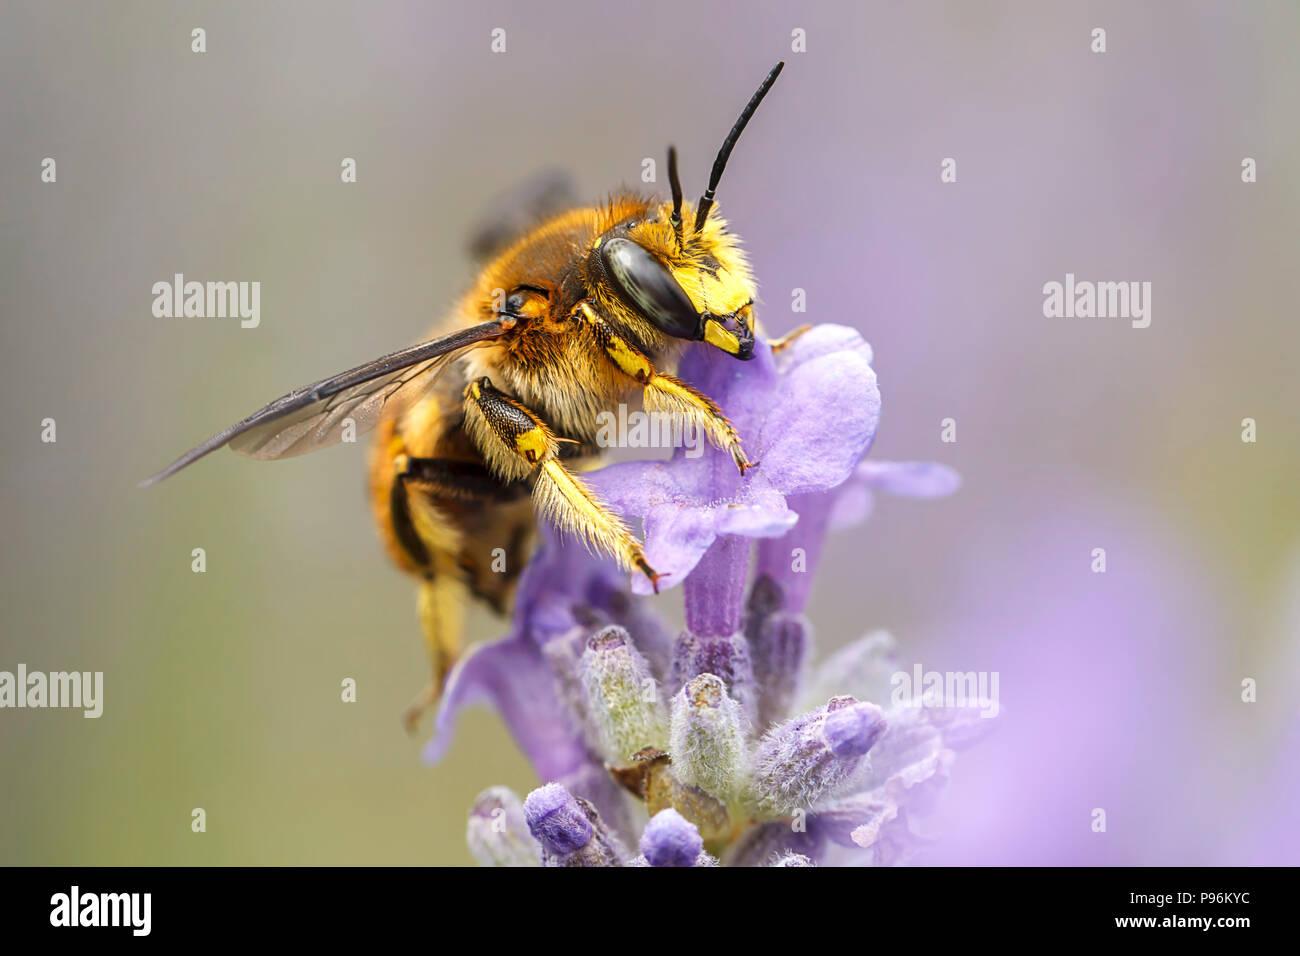 Una chiusura di un miele delle api, le api su una pianta di Lavanda, Lavandula spica. Immagini Stock